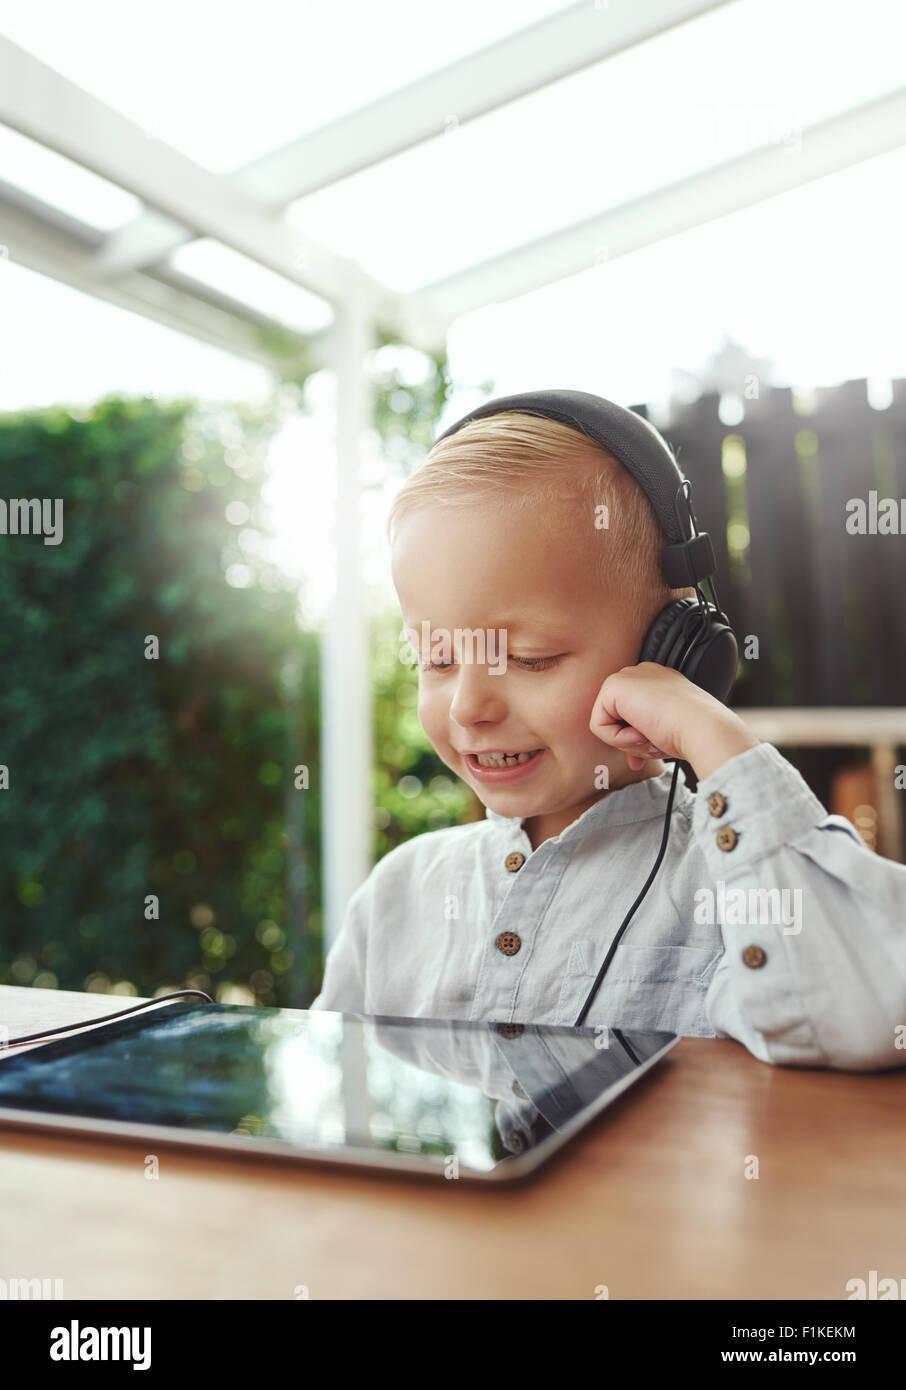 Kleiner Junge lächelnd in Freude, als er auf seinem Tablet-pc mit Stereo-Kopfhörer beim Sitzen im freien Stockbild